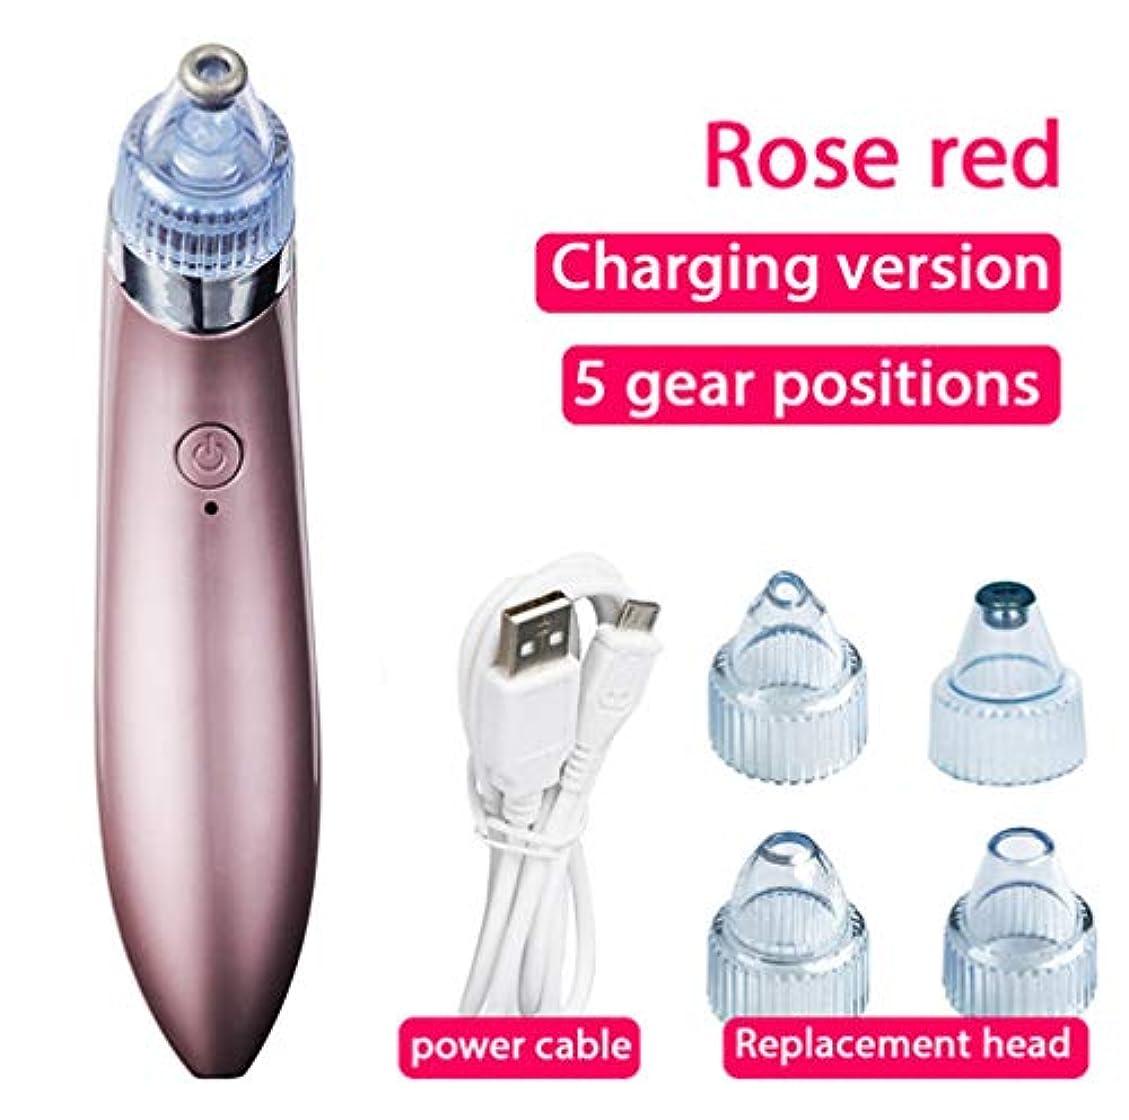 冷える枯渇コンソールブラックヘッドメイクアップリムーバー電気ボア真空USB充電式ブラックヘッドニキビツール、3つの調整可能な強度と5つの交換可能なプローブ(オスとメス用)